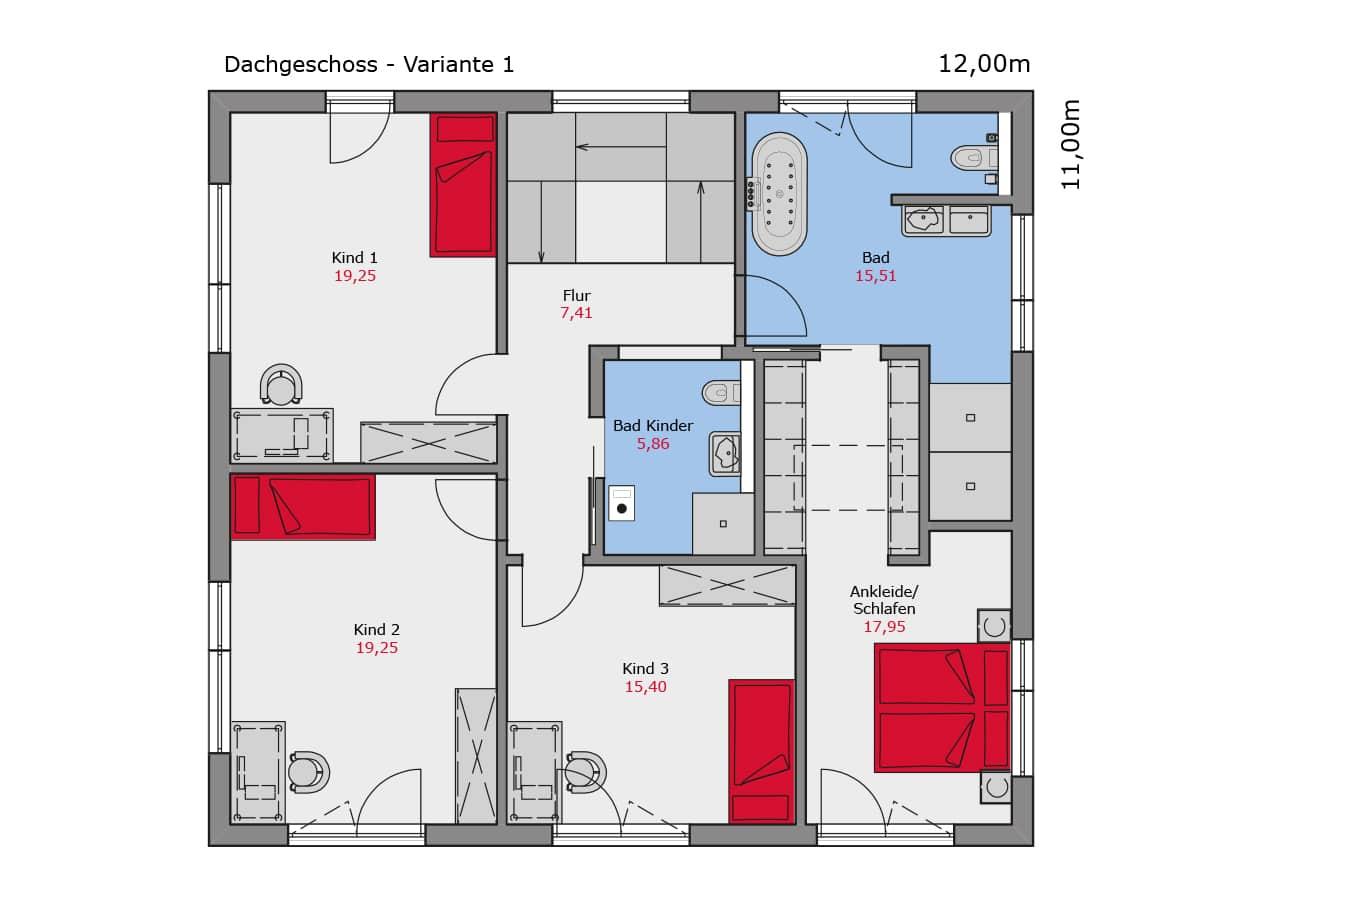 Grundriss_Musterhaus_Mannheim_Dachgeschoss_Variante1_Fertighaus